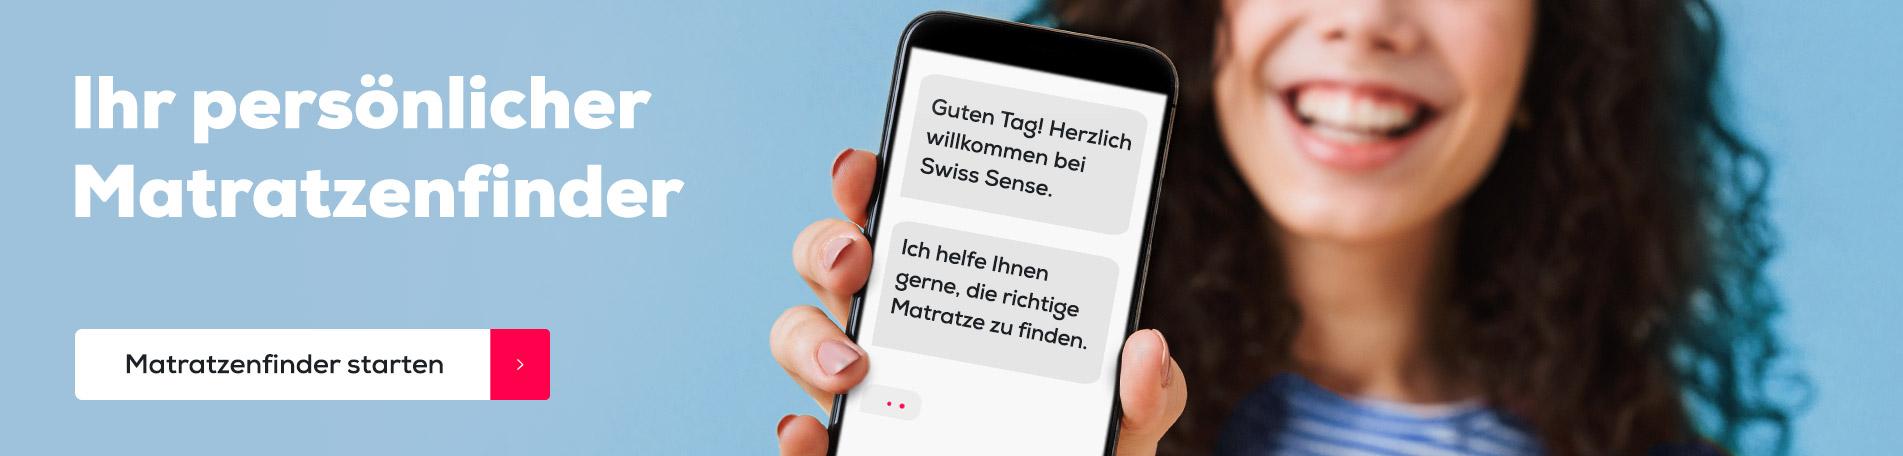 Matratzenfinder homepage | Swiss Sense